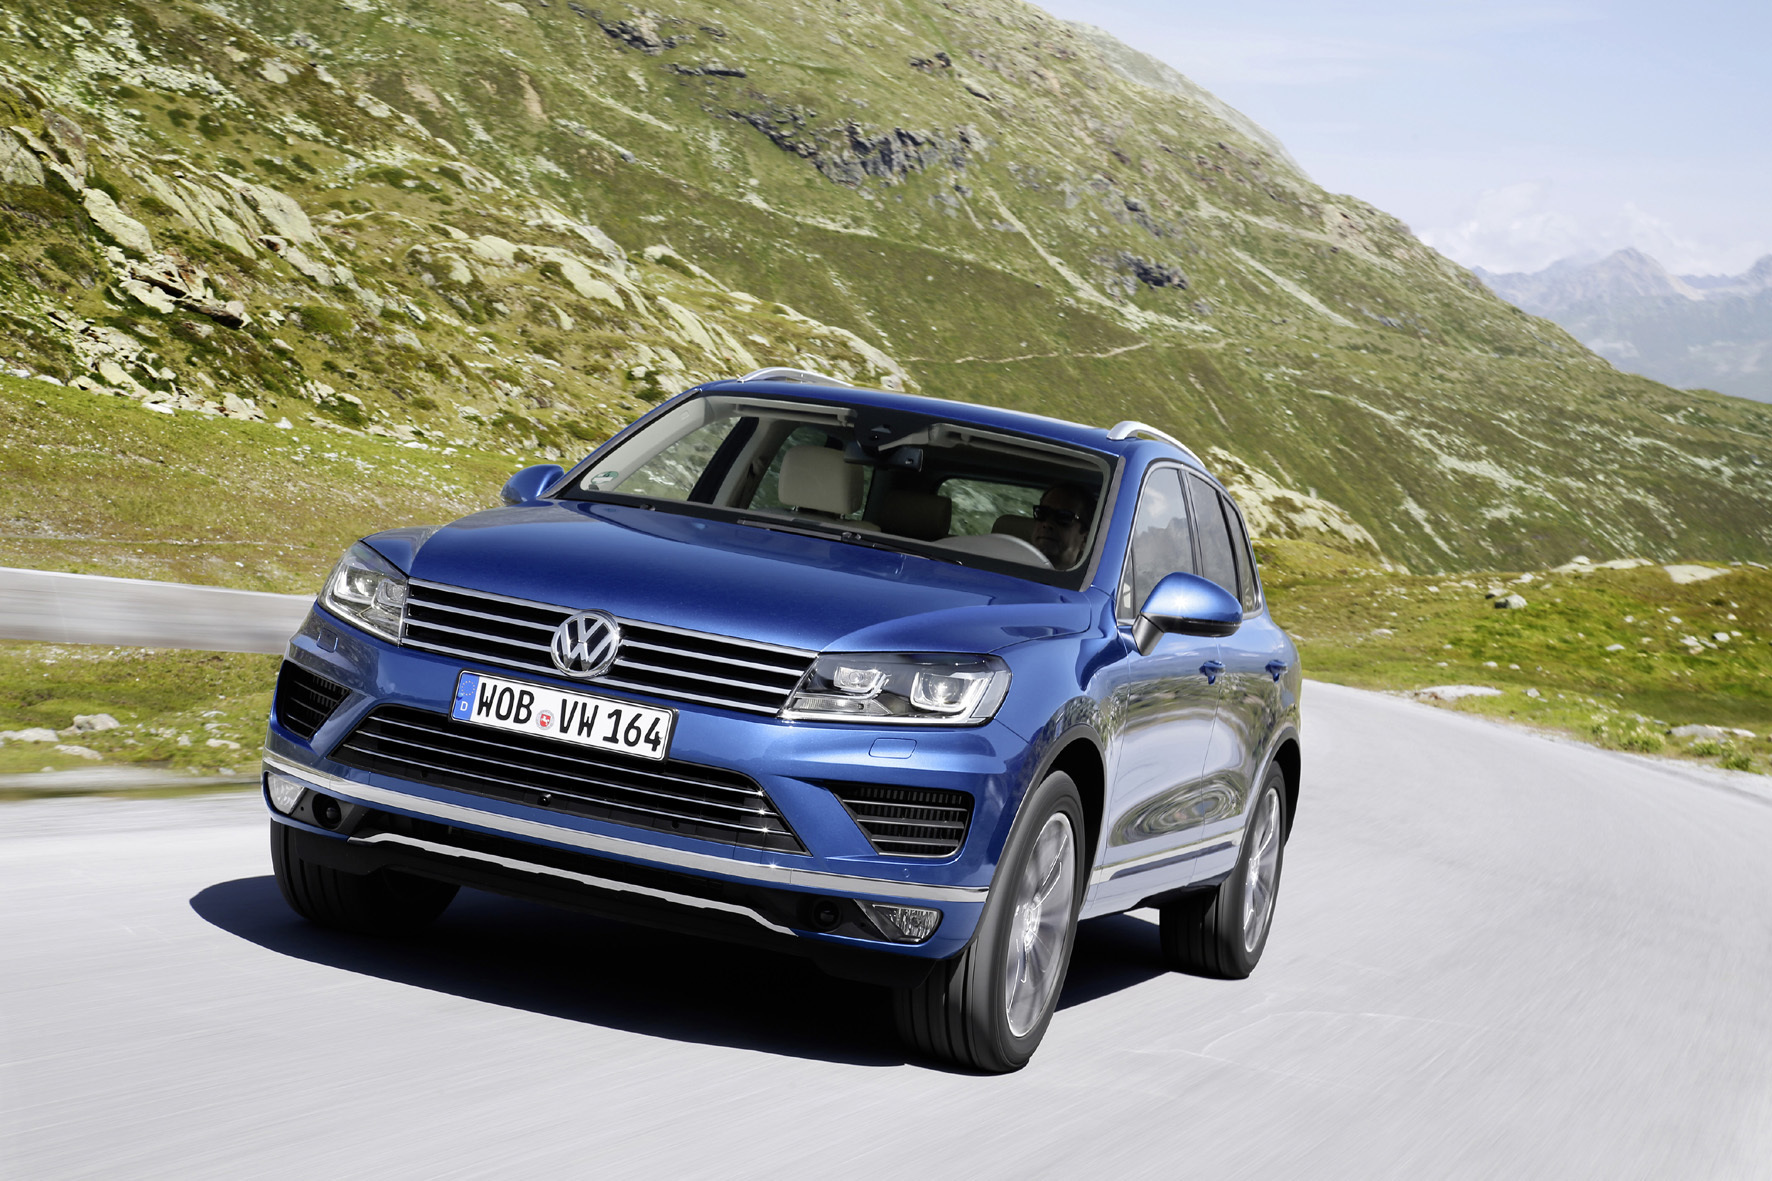 mid Düsseldorf - Der VW Touareg tritt nach der Modellpflege nur noch mit einem V6-Diesel als einziger Motorisierung gegen BMW X5 un Co. an.